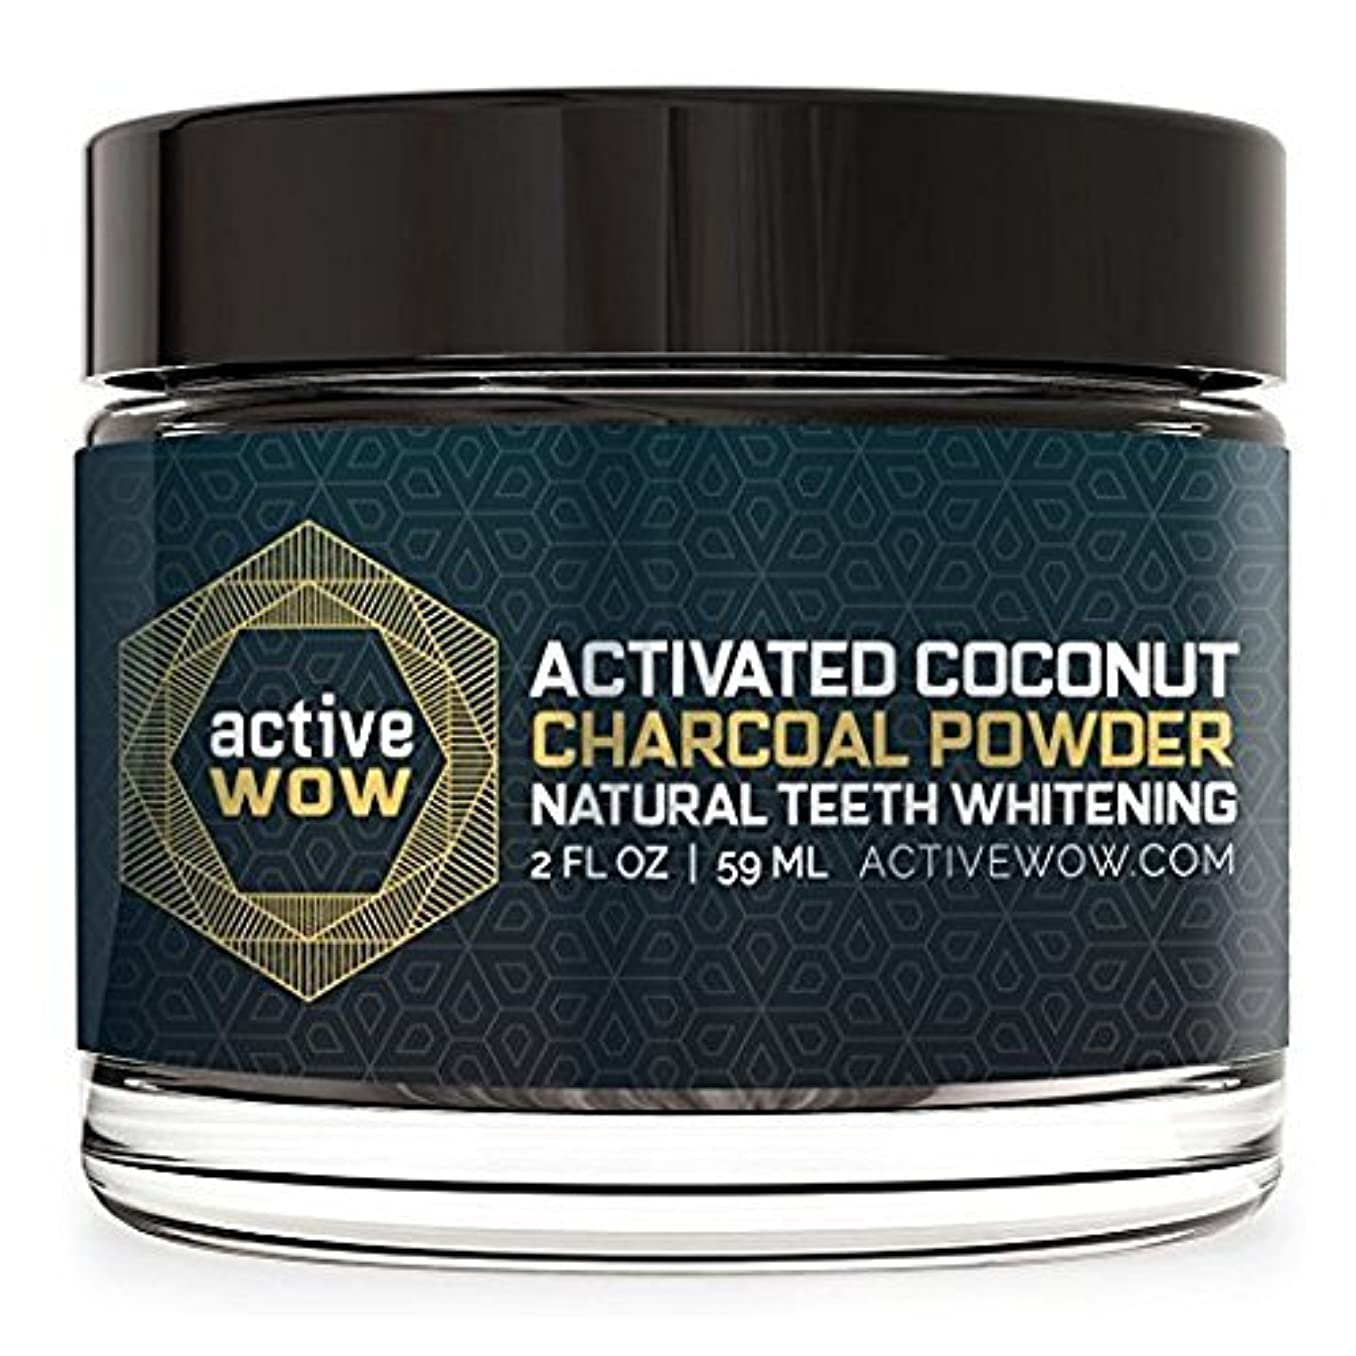 編集者大事にする溝アメリカで売れている 炭パウダー歯のホワイトニング Teeth Whitening Charcoal Powder Natural [並行輸入品]